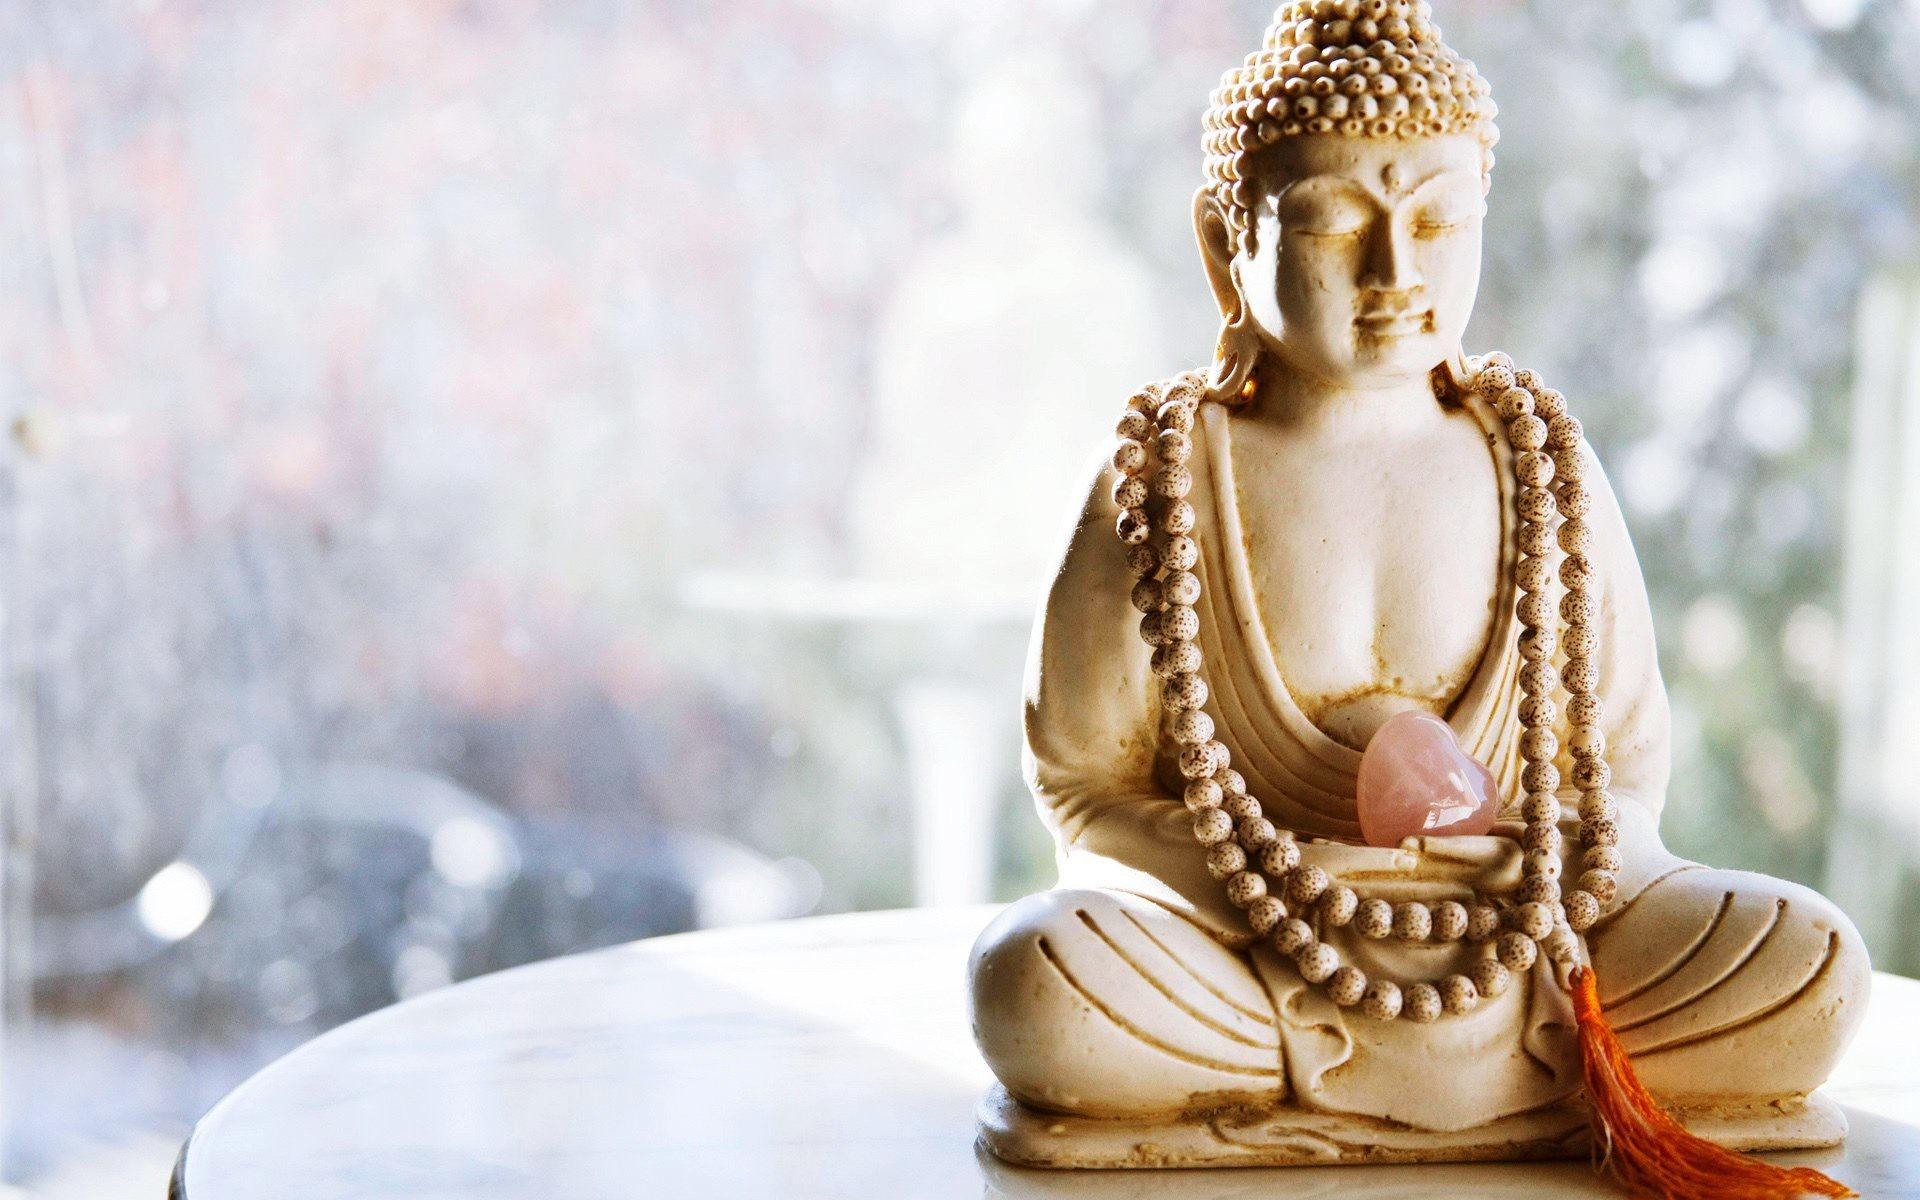 Best 25+ Buddha wallpaper hd ideas on Pinterest | Tatuaje krishna, tatuaje  Hanuman and Shiva